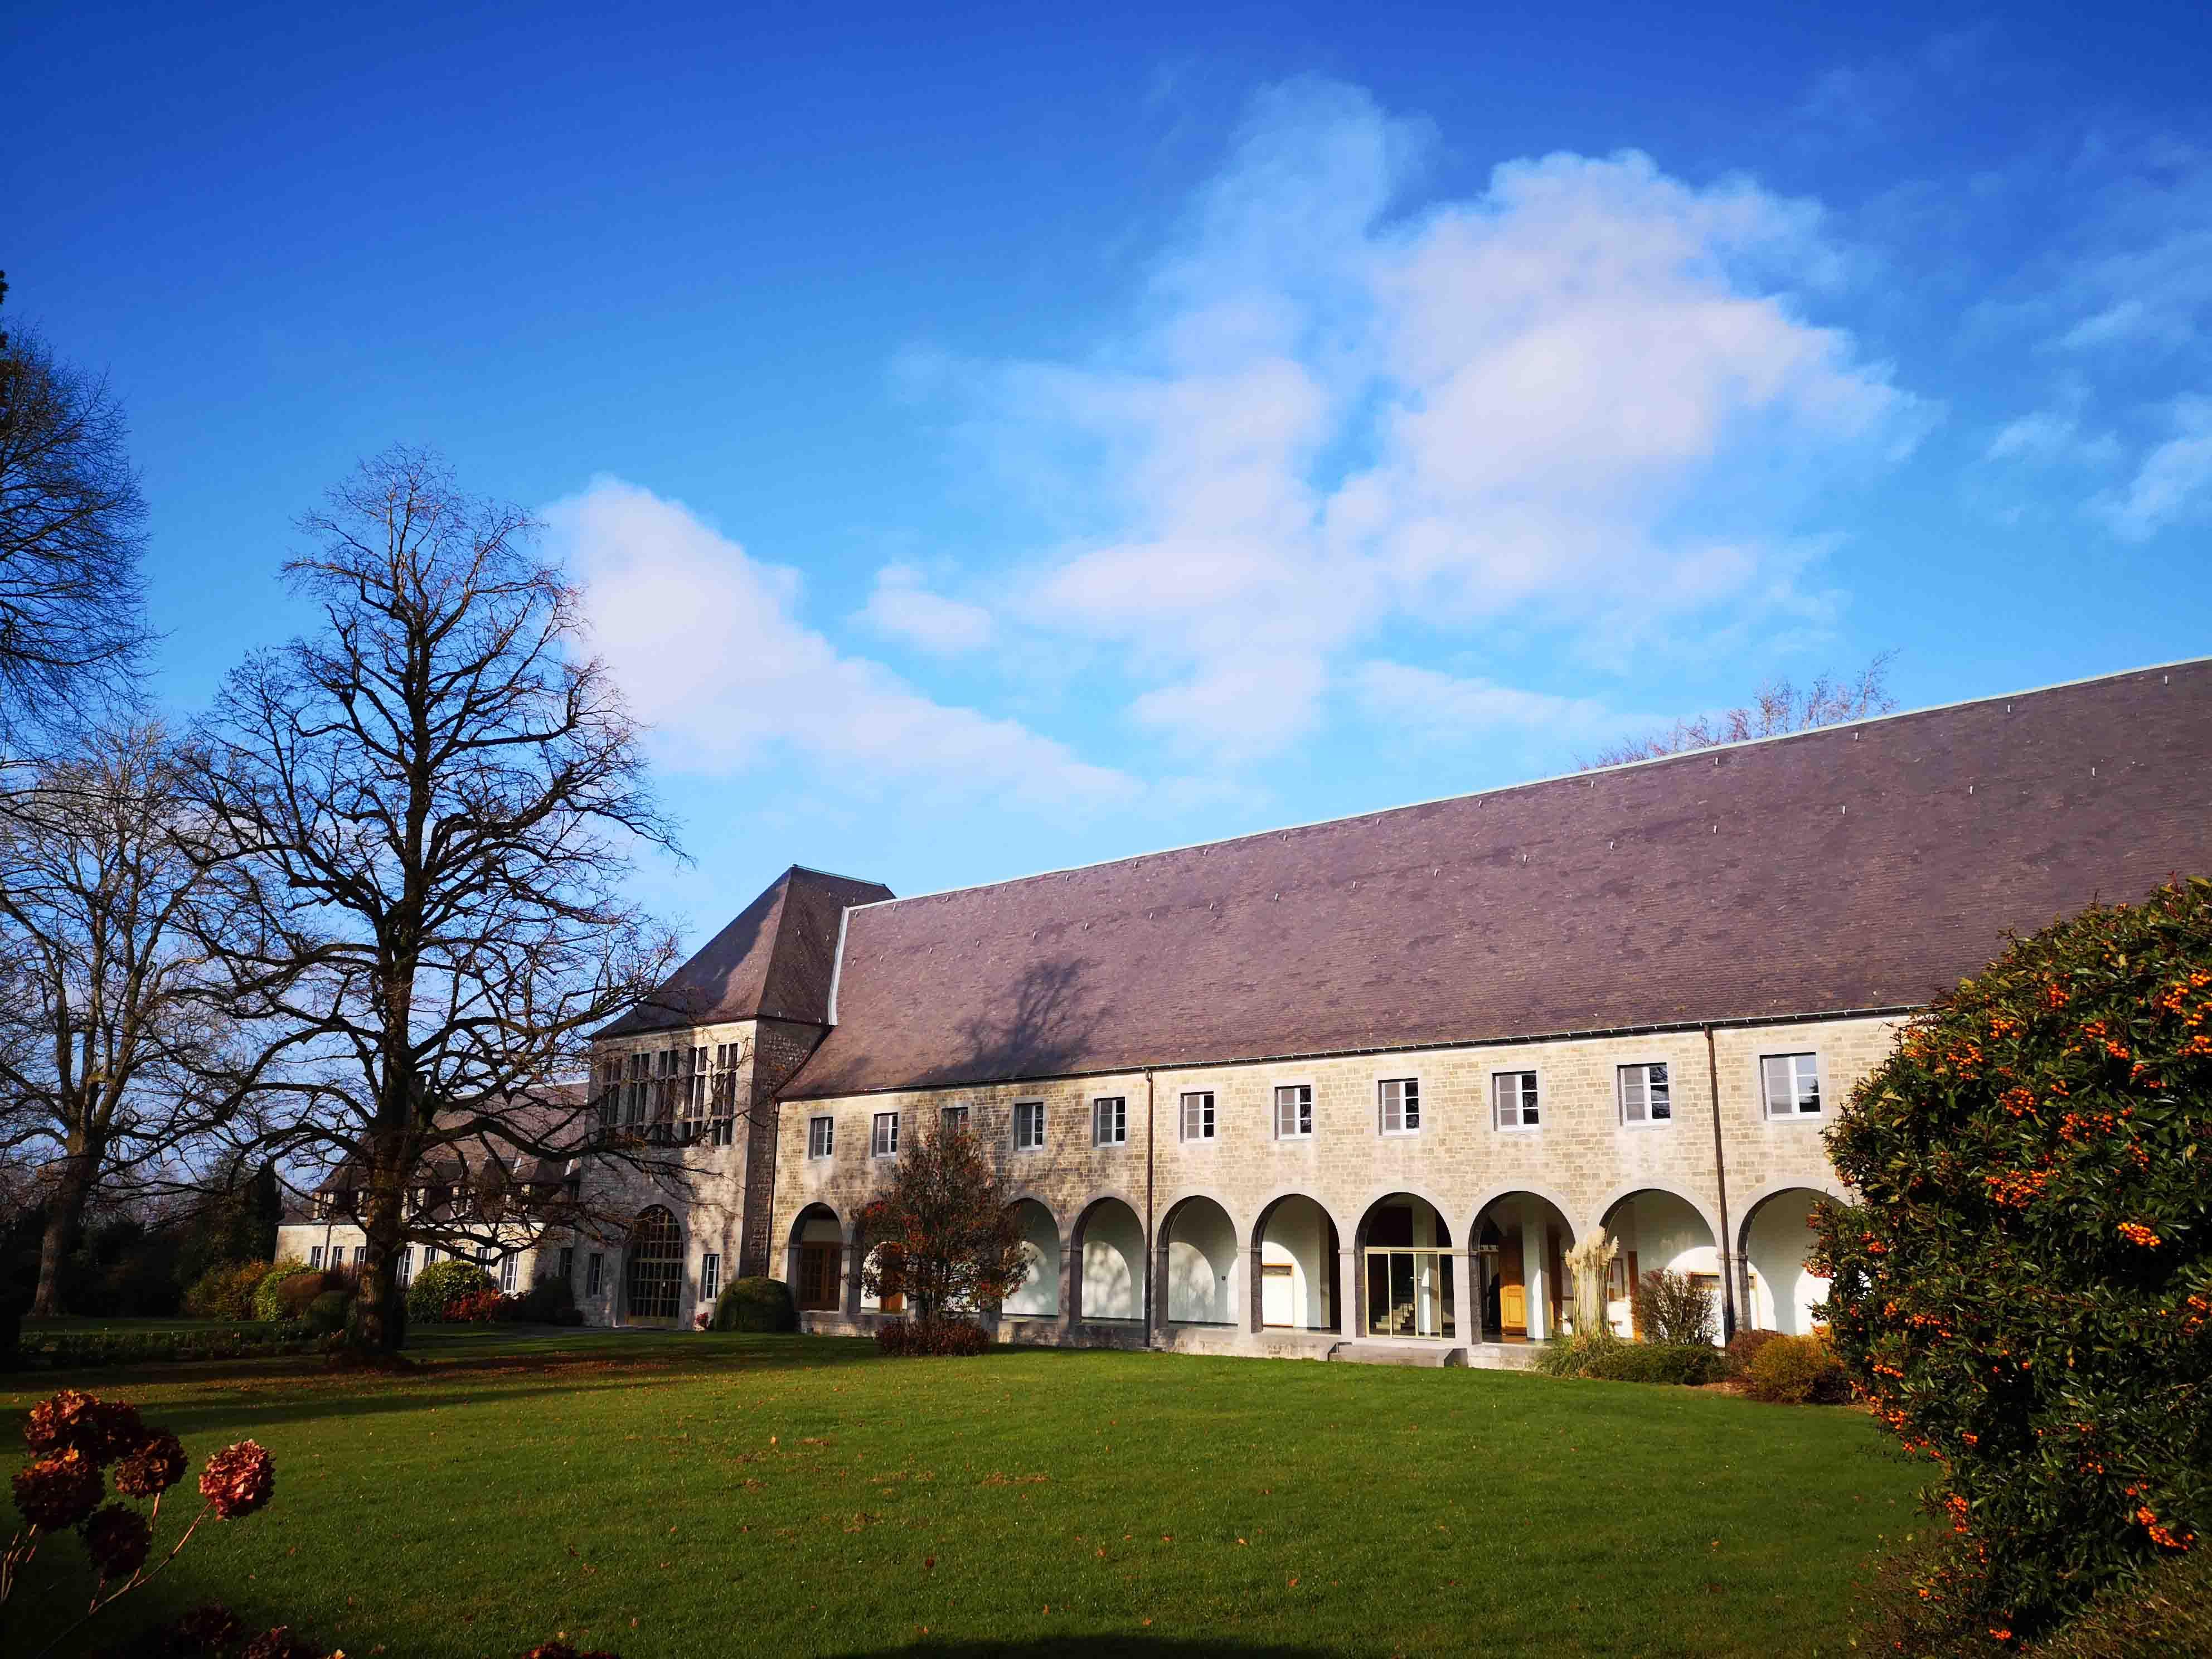 Trappisten-abdij van Chimay